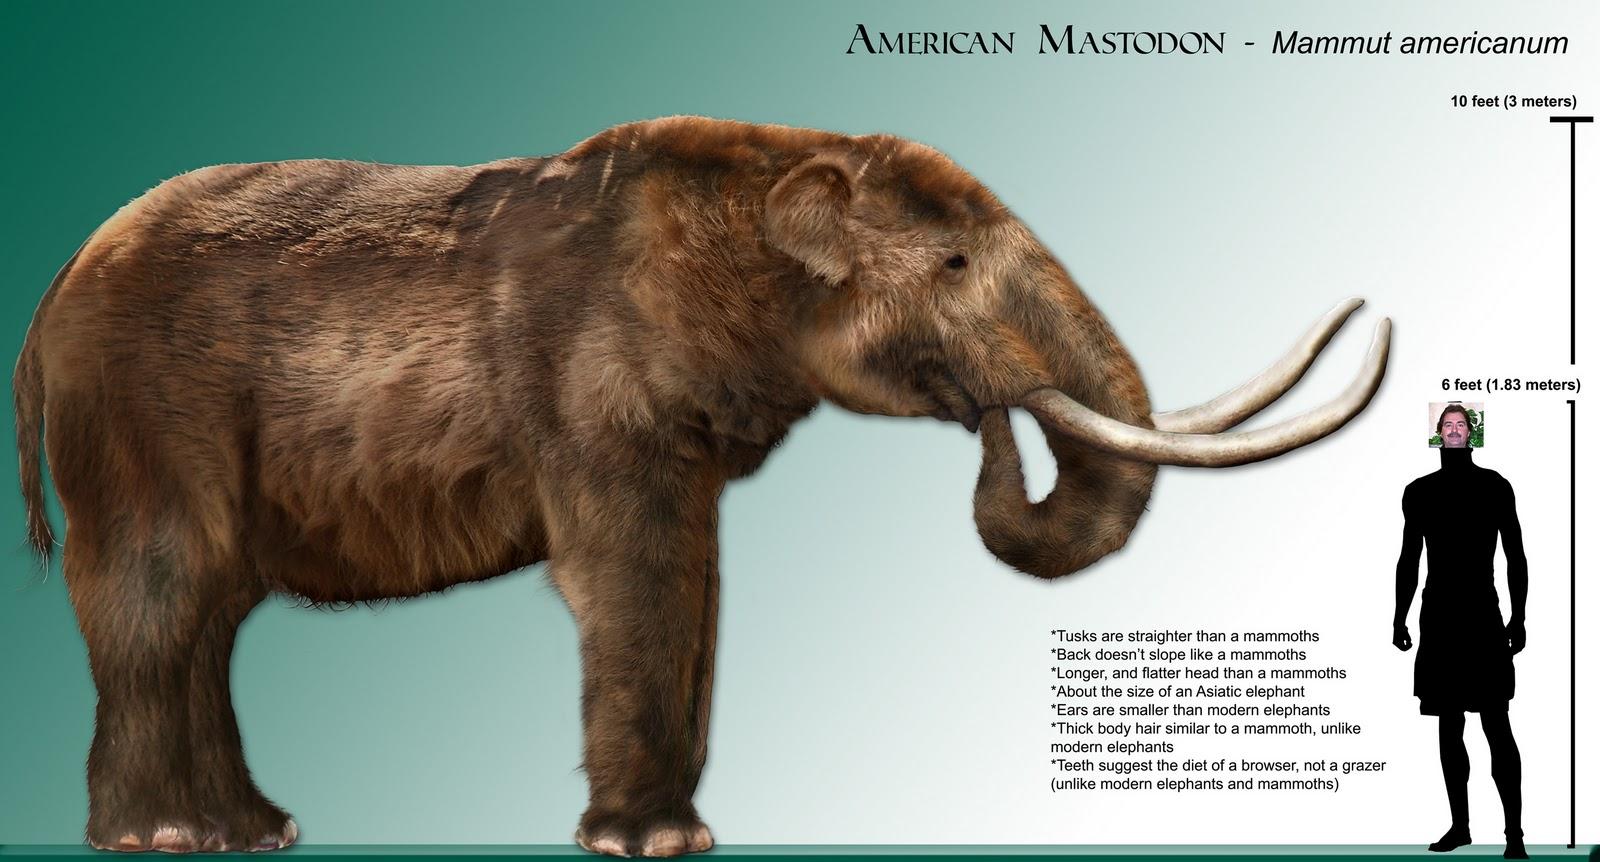 http://4.bp.blogspot.com/_8IcO1ehweFs/TP1ULlawsTI/AAAAAAAAFYo/Gm5f74DuzXw/s1600/mastodon_rendering-1.jpg